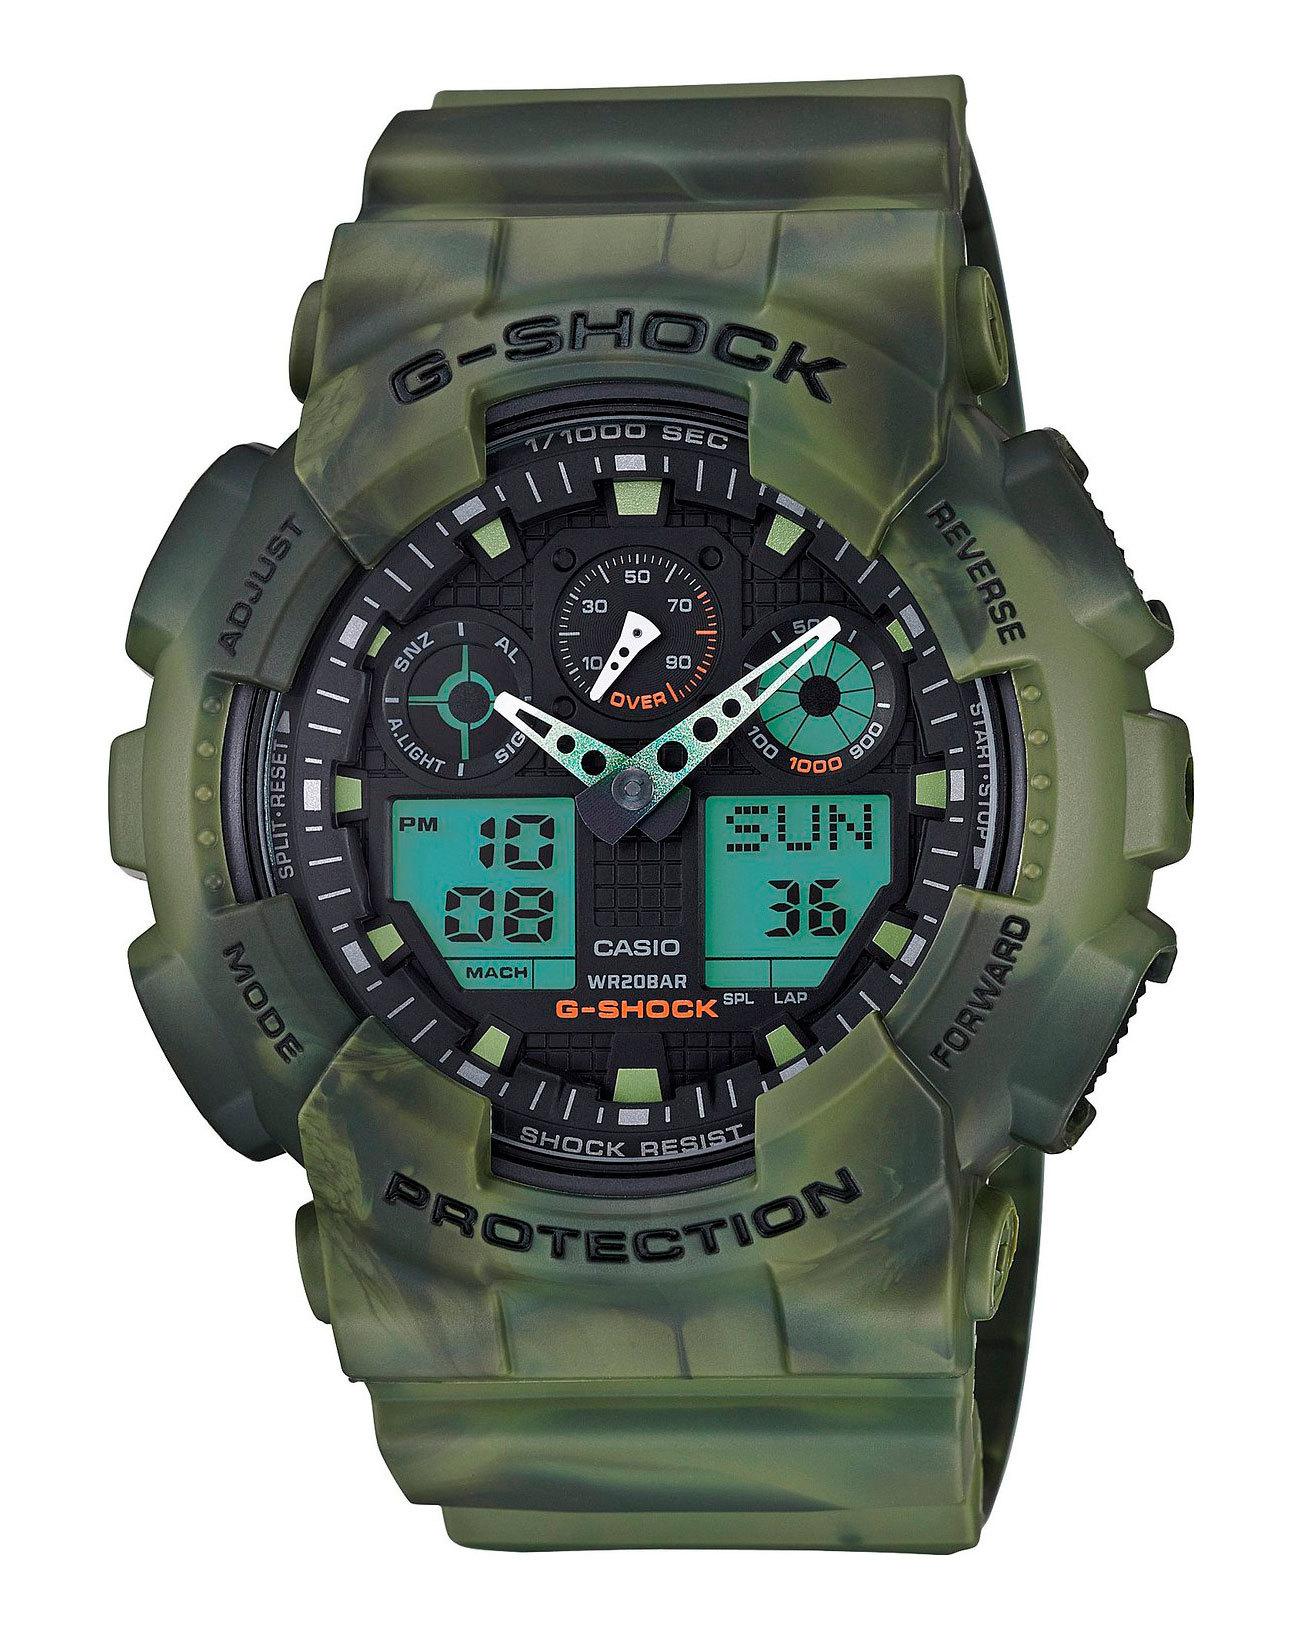 Casio G-SHOCK GA-100MM-3A / GA-100MM-3AER - мужские наручные часыCasio<br><br><br>Бренд: Casio<br>Модель: Casio GA-100MM-3A<br>Артикул: GA-100MM-3A<br>Вариант артикула: GA-100MM-3AER<br>Коллекция: G-SHOCK<br>Подколлекция: None<br>Страна: Япония<br>Пол: мужские<br>Тип механизма: кварцевые<br>Механизм: None<br>Количество камней: None<br>Автоподзавод: None<br>Источник энергии: от батарейки<br>Срок службы элемента питания: None<br>Дисплей: стрелки + цифры<br>Цифры: отсутствуют<br>Водозащита: WR 200<br>Противоударные: есть<br>Материал корпуса: пластик<br>Материал браслета: пластик<br>Материал безеля: None<br>Стекло: минеральное<br>Антибликовое покрытие: None<br>Цвет корпуса: None<br>Цвет браслета: None<br>Цвет циферблата: None<br>Цвет безеля: None<br>Размеры: 51.2x55x16.9 мм<br>Диаметр: None<br>Диаметр корпуса: None<br>Толщина: None<br>Ширина ремешка: None<br>Вес: 71 г<br>Спорт-функции: секундомер, таймер обратного отсчета<br>Подсветка: дисплея<br>Вставка: None<br>Отображение даты: вечный календарь, число, месяц, день недели<br>Хронограф: None<br>Таймер: None<br>Термометр: None<br>Хронометр: None<br>GPS: None<br>Радиосинхронизация: None<br>Барометр: None<br>Скелетон: None<br>Дополнительная информация: автоподсветка, повтор сигнала будильника, ежечасный сигнал, защитная функция антимагнит, элемент питания CR1220, срок службы батарейки 2 года<br>Дополнительные функции: второй часовой пояс, будильник (количество установок: 5)